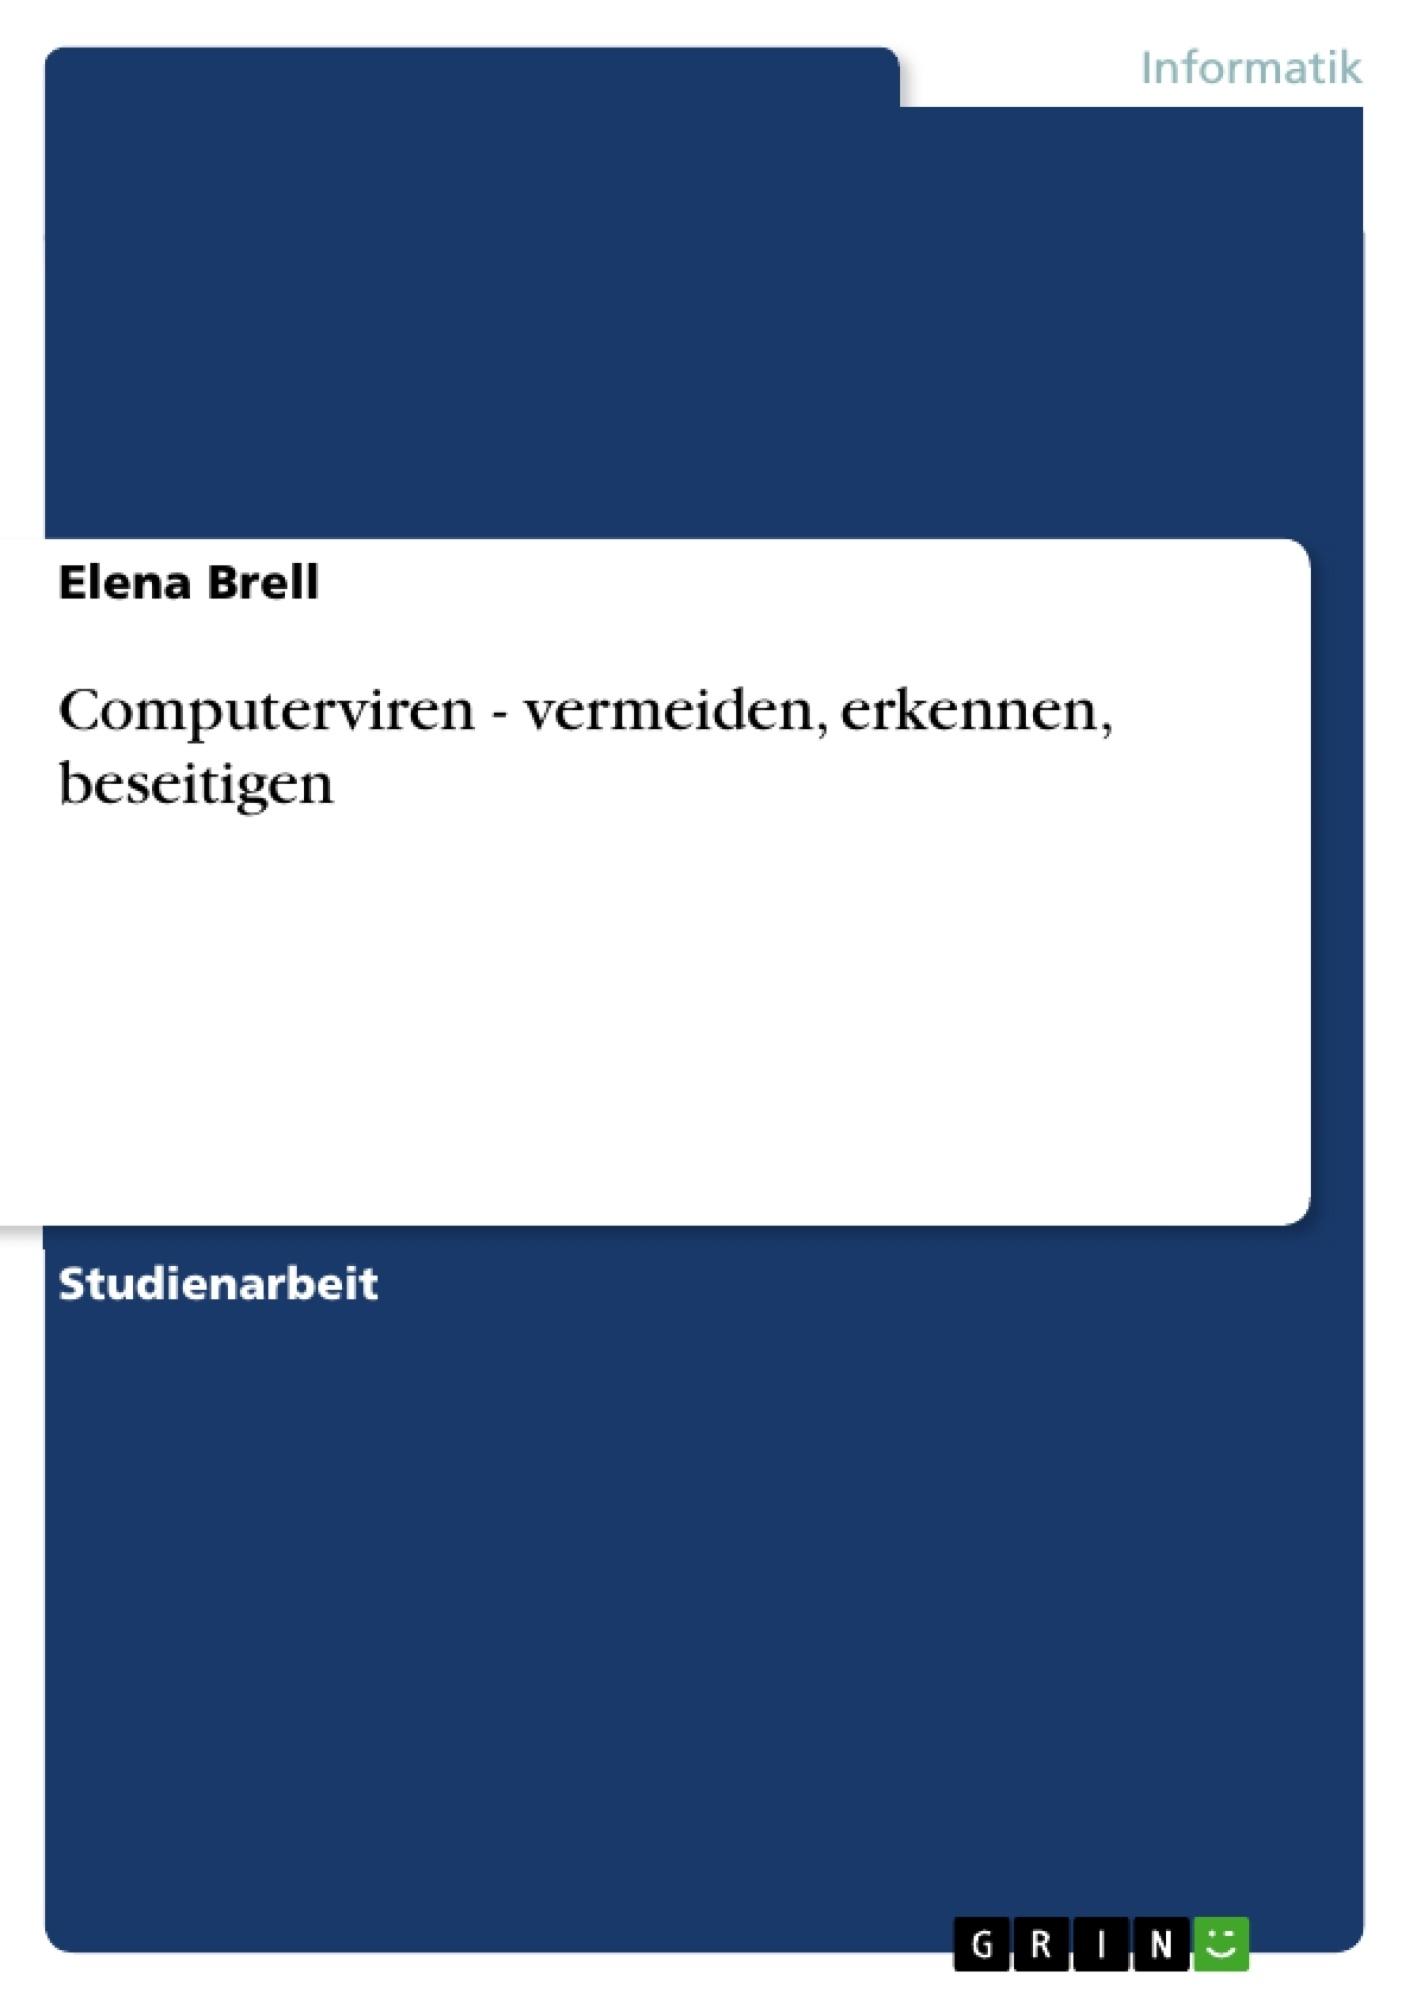 Titel: Computerviren - vermeiden, erkennen, beseitigen